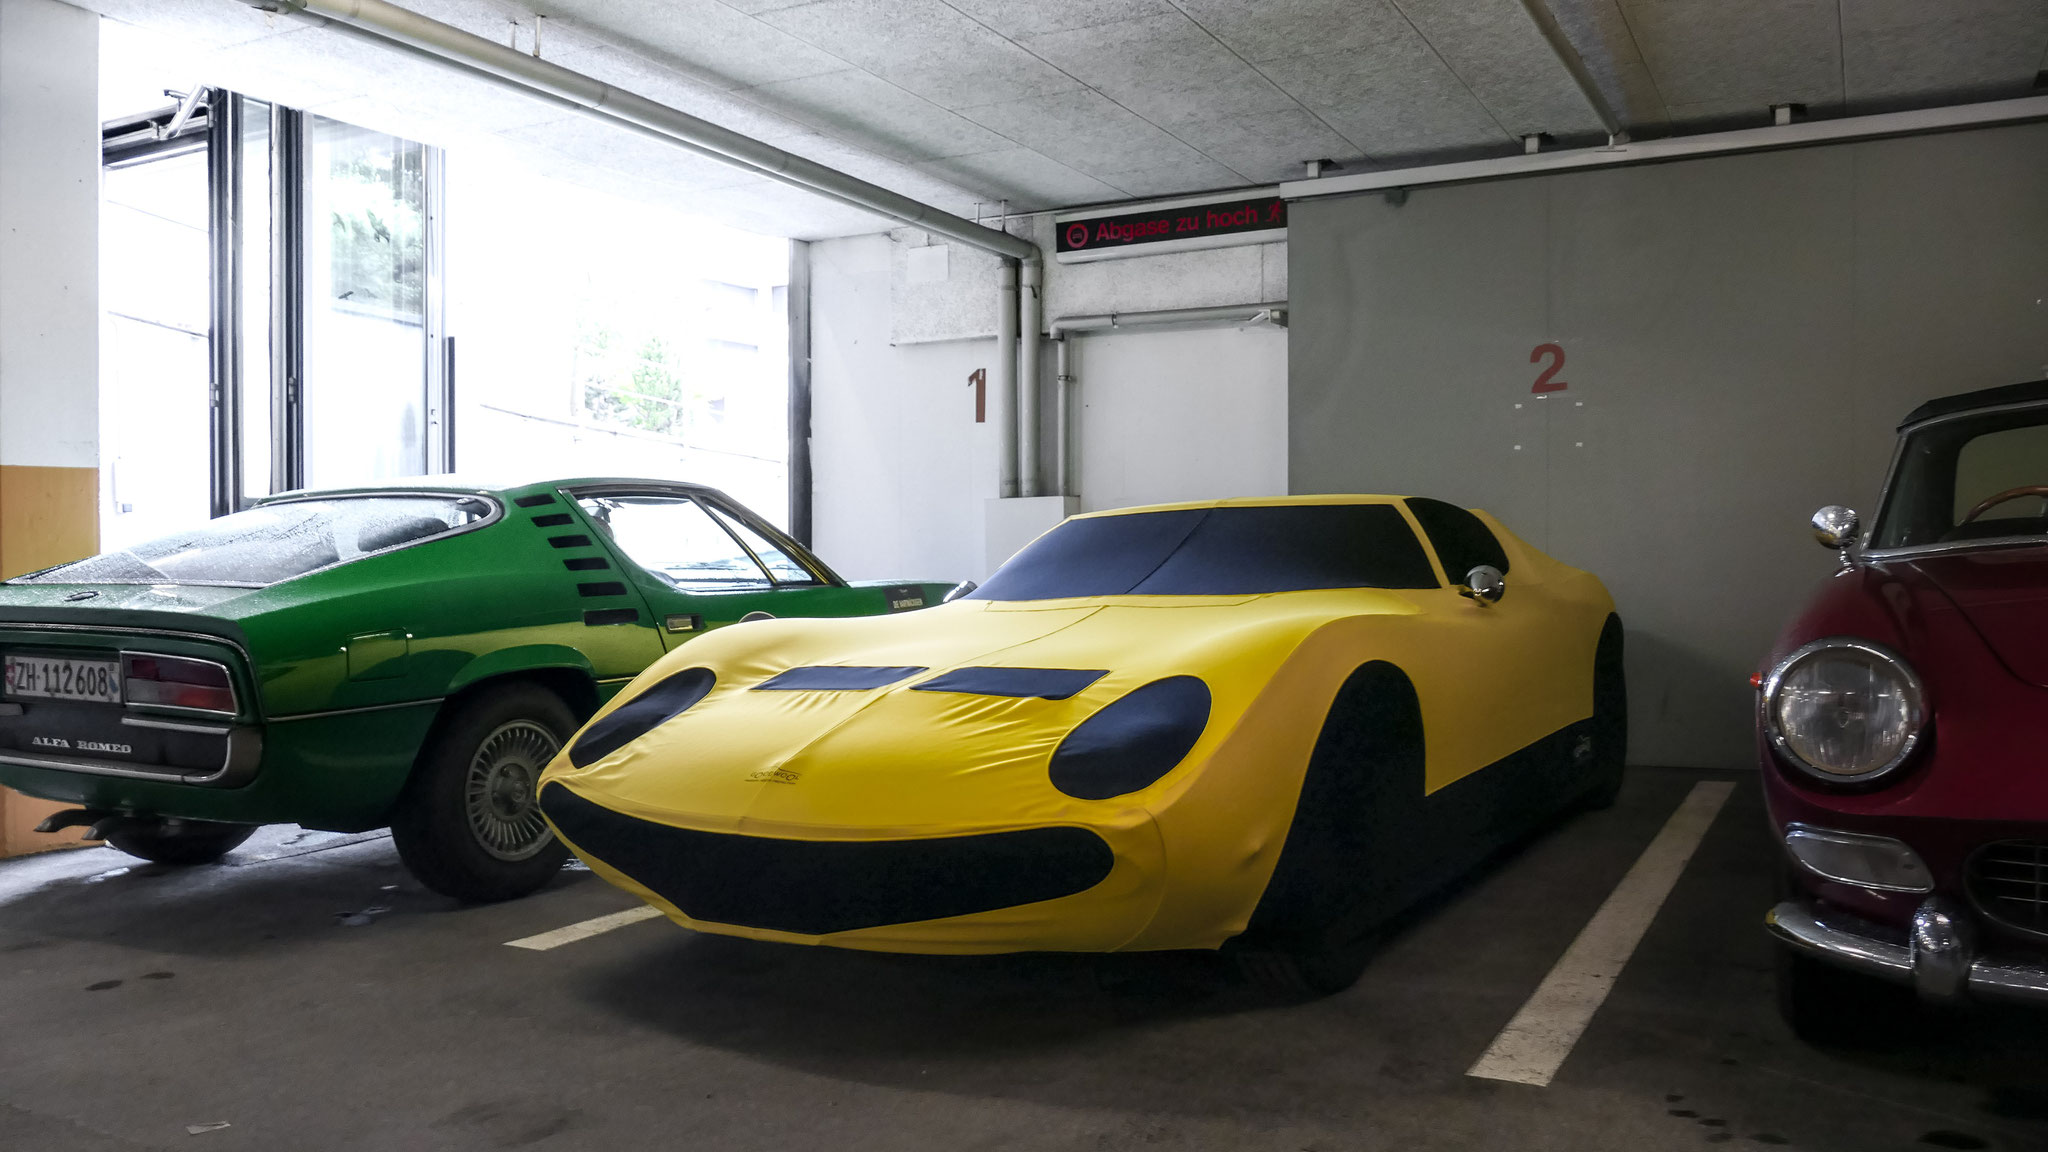 Lamborghini Miura - LU-91175-U (CH)